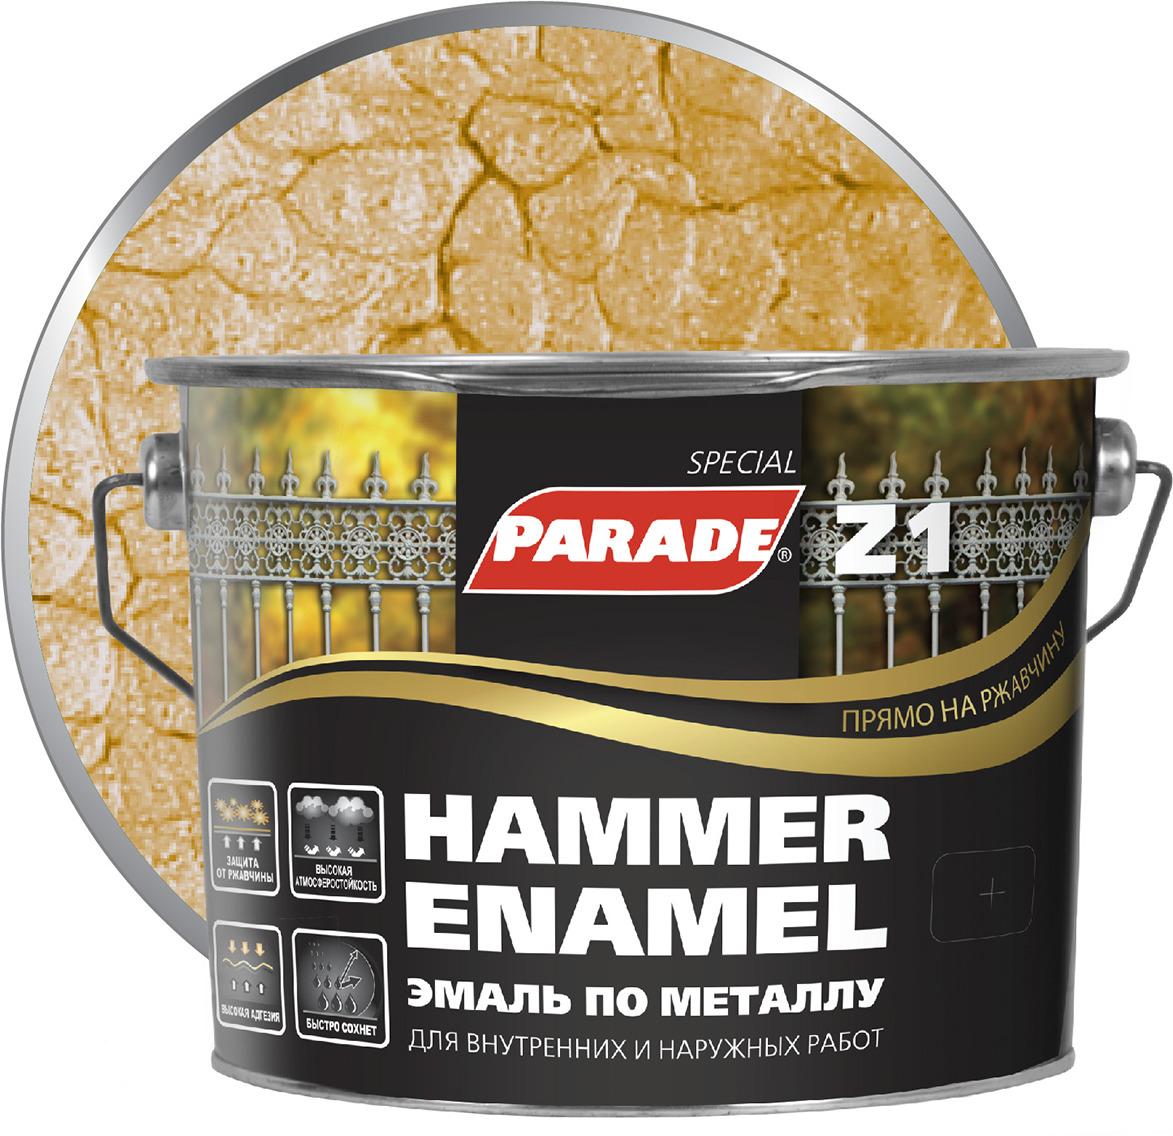 Фото - Эмаль по металлу Parade Z1, молотковая, 543-317 золотой, 2,5 л финишный гвоздь swfs свфс din1152 1 8х40 25кг тов 041025